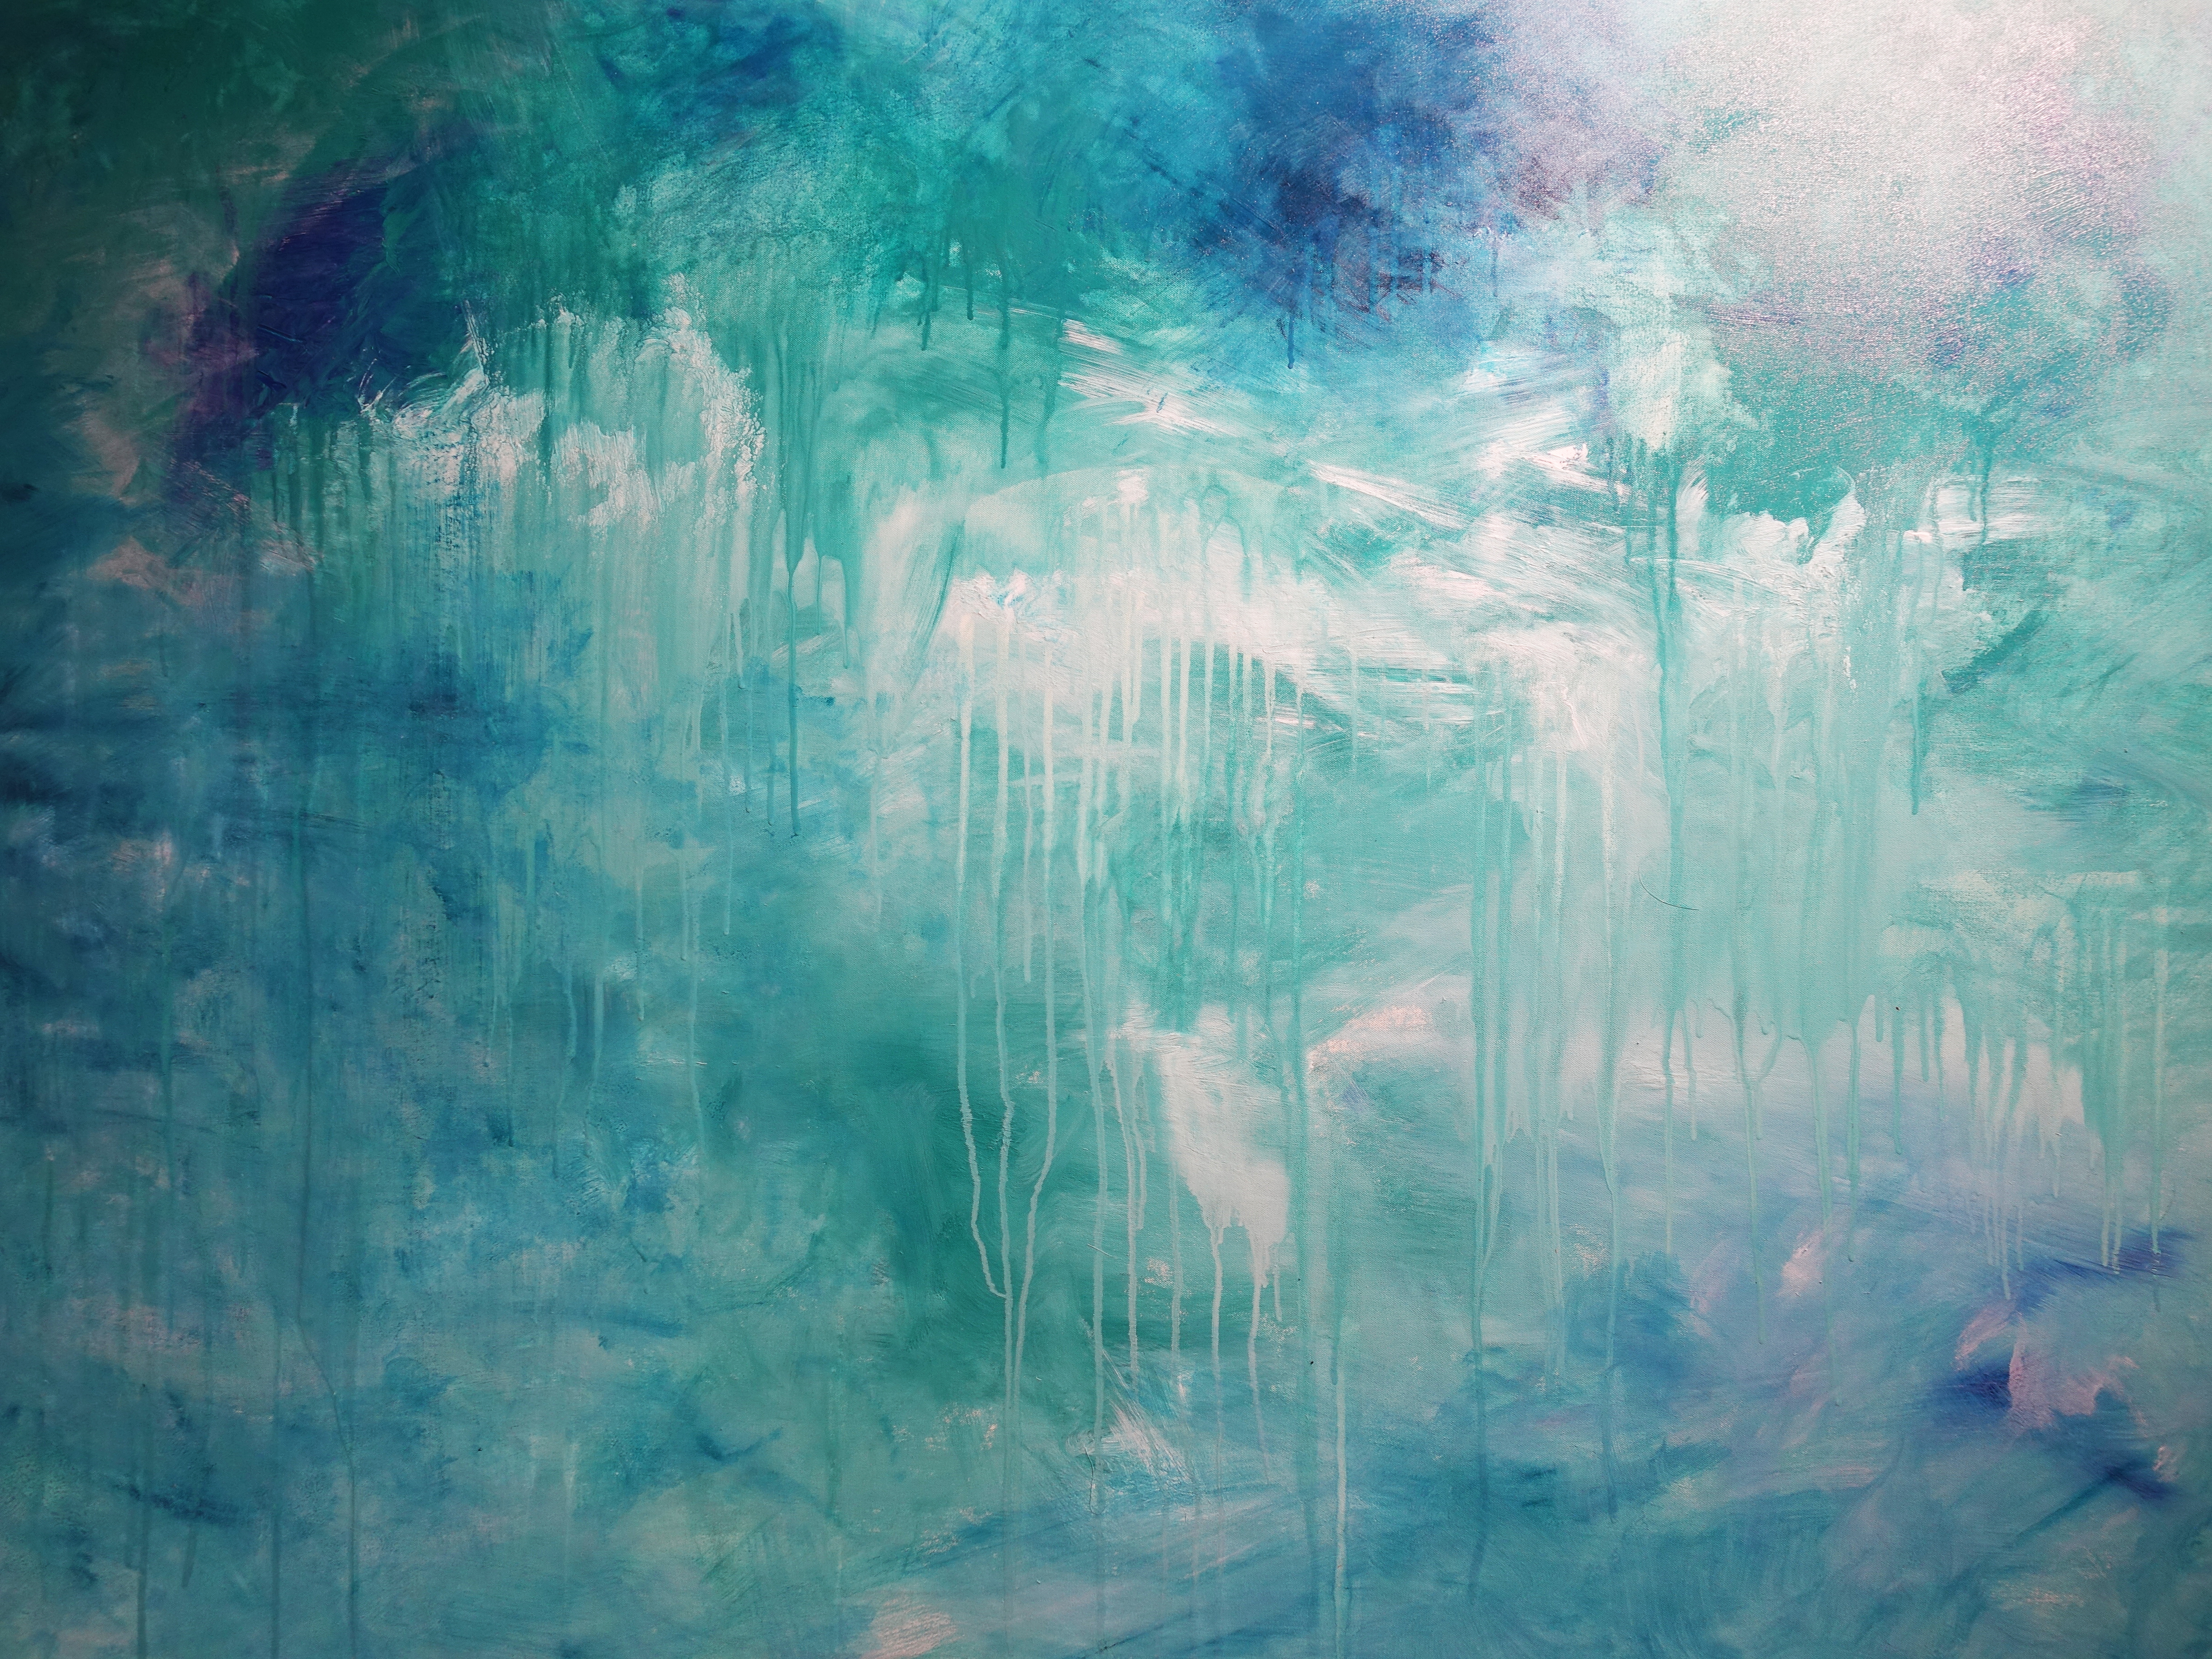 謝宛儒,《Show White》細節,130 x 194 cm,油彩、畫布,2020。